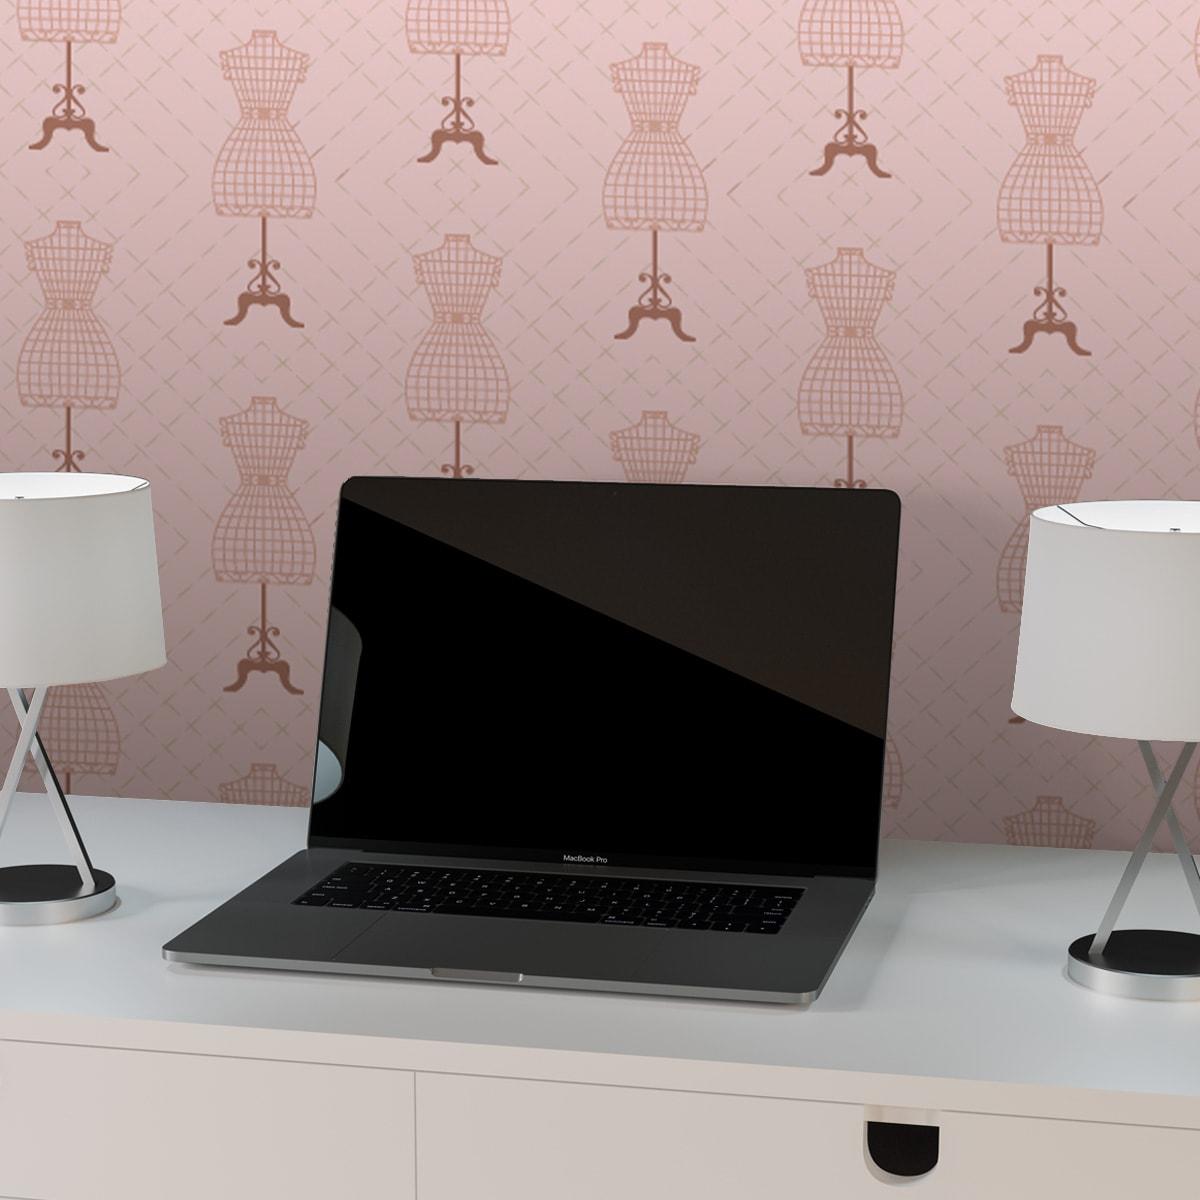 Schlafzimmer tapezieren in pink: Mode Tapete